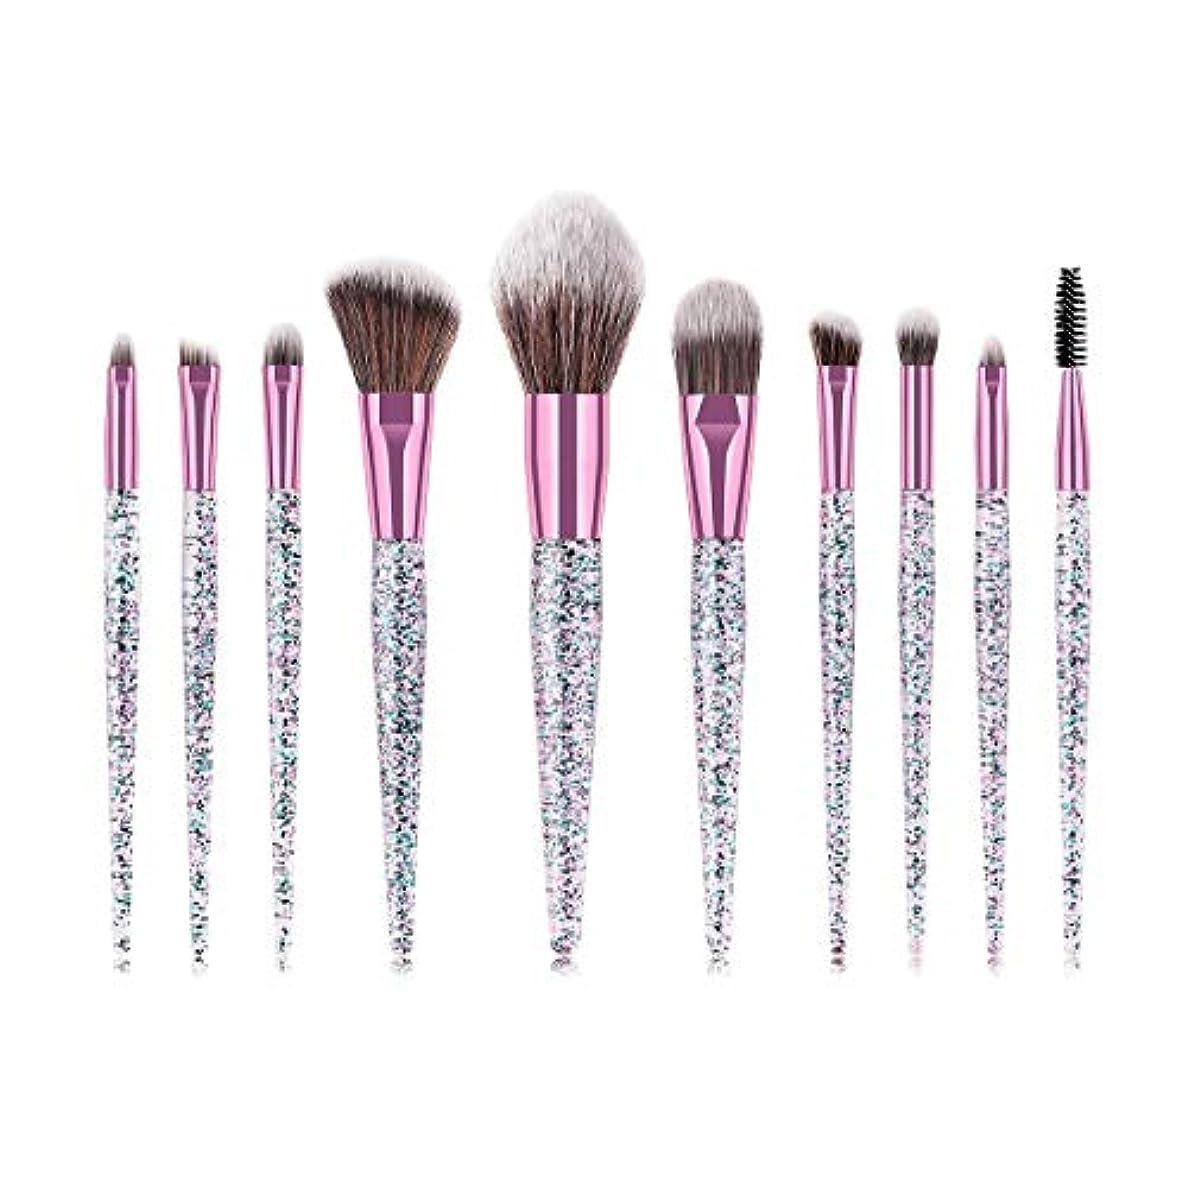 鈍いいらいらさせる禁止Makeup brushes 艶をかけられた水晶ハンドルの化粧筆セットの眉毛のアイシャドウの基礎粉の構造のブラシの化粧道具10個 suits (Color : Diamond Crystal)